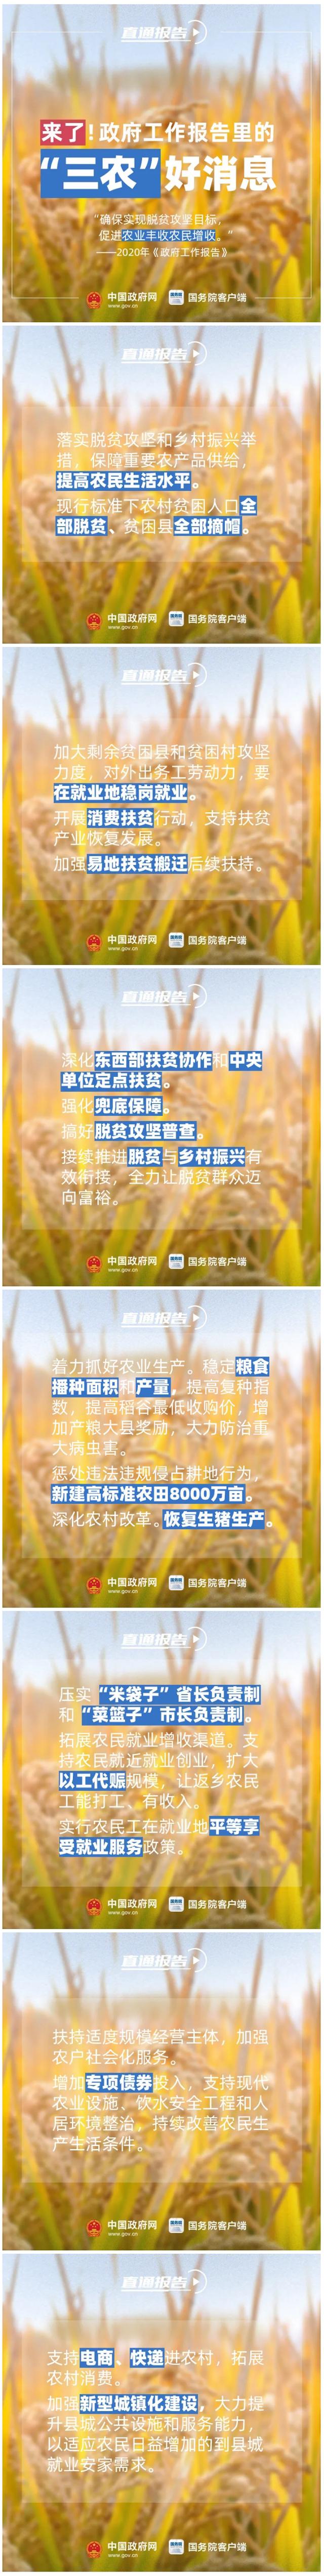 農民朋友的好消息!2020年有這些惠農政策